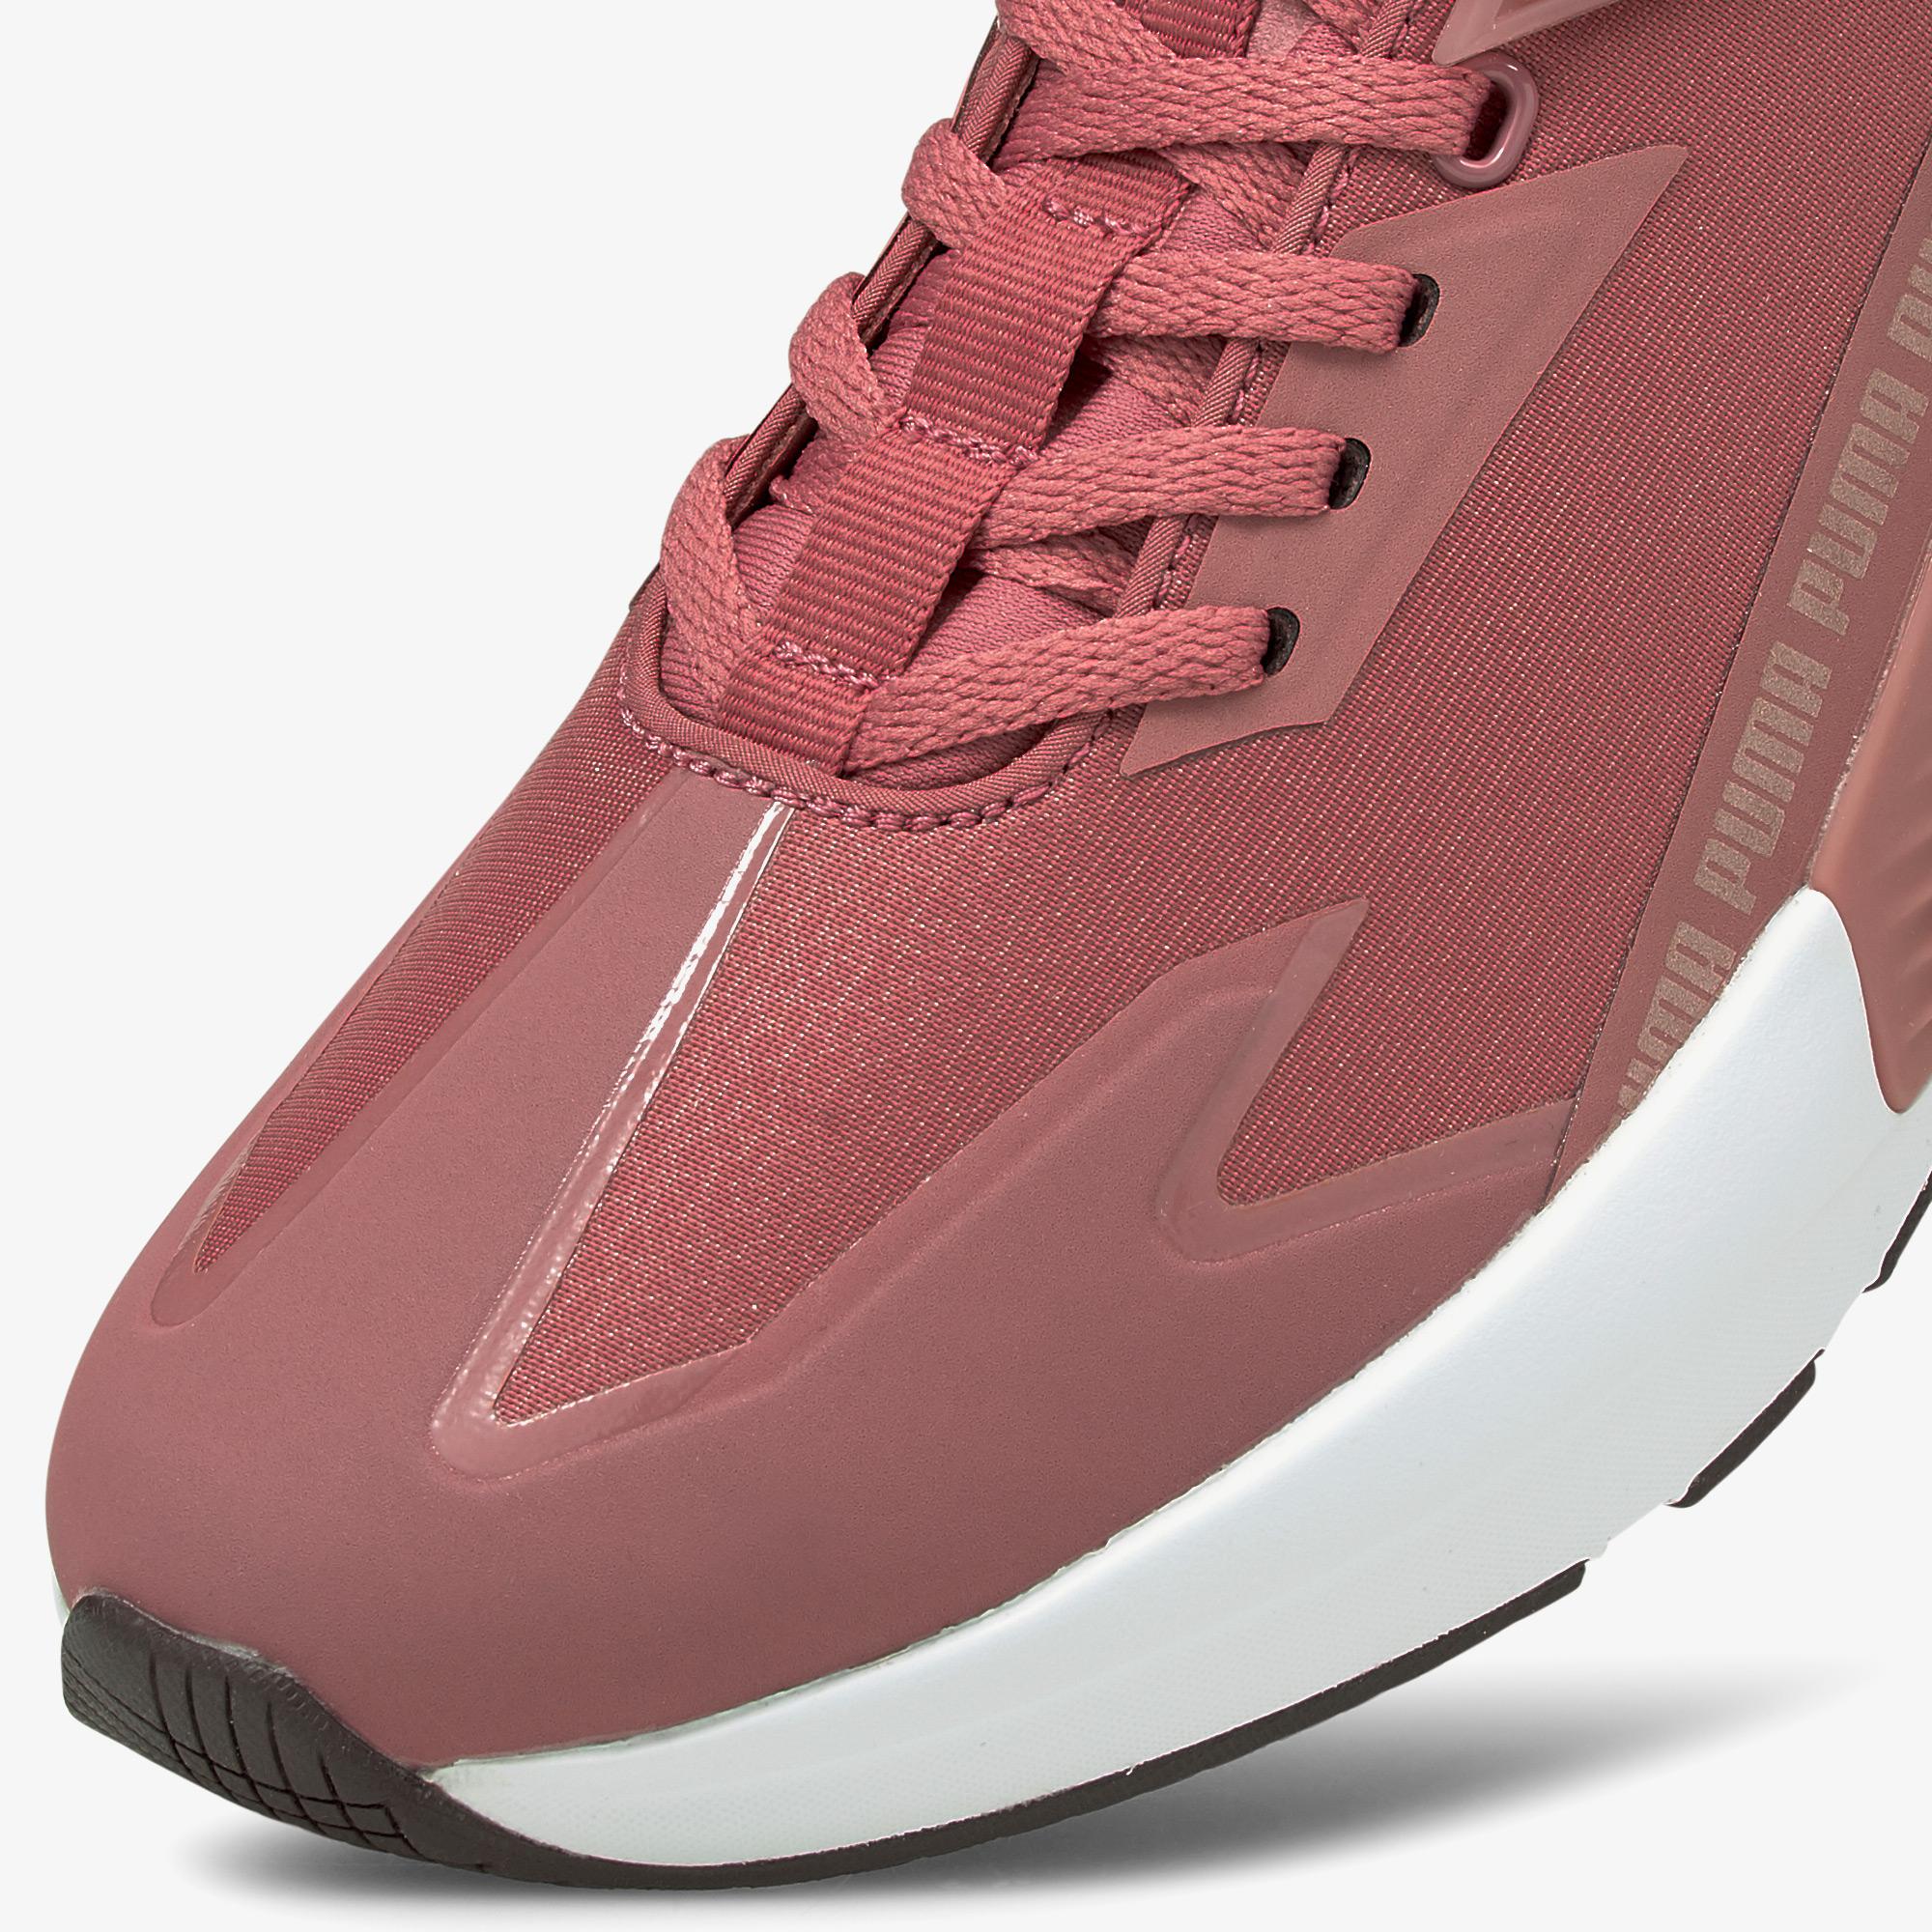 Puma Provoke XT FTR Moto Rose Kadın Pembe Spor Ayakkabı